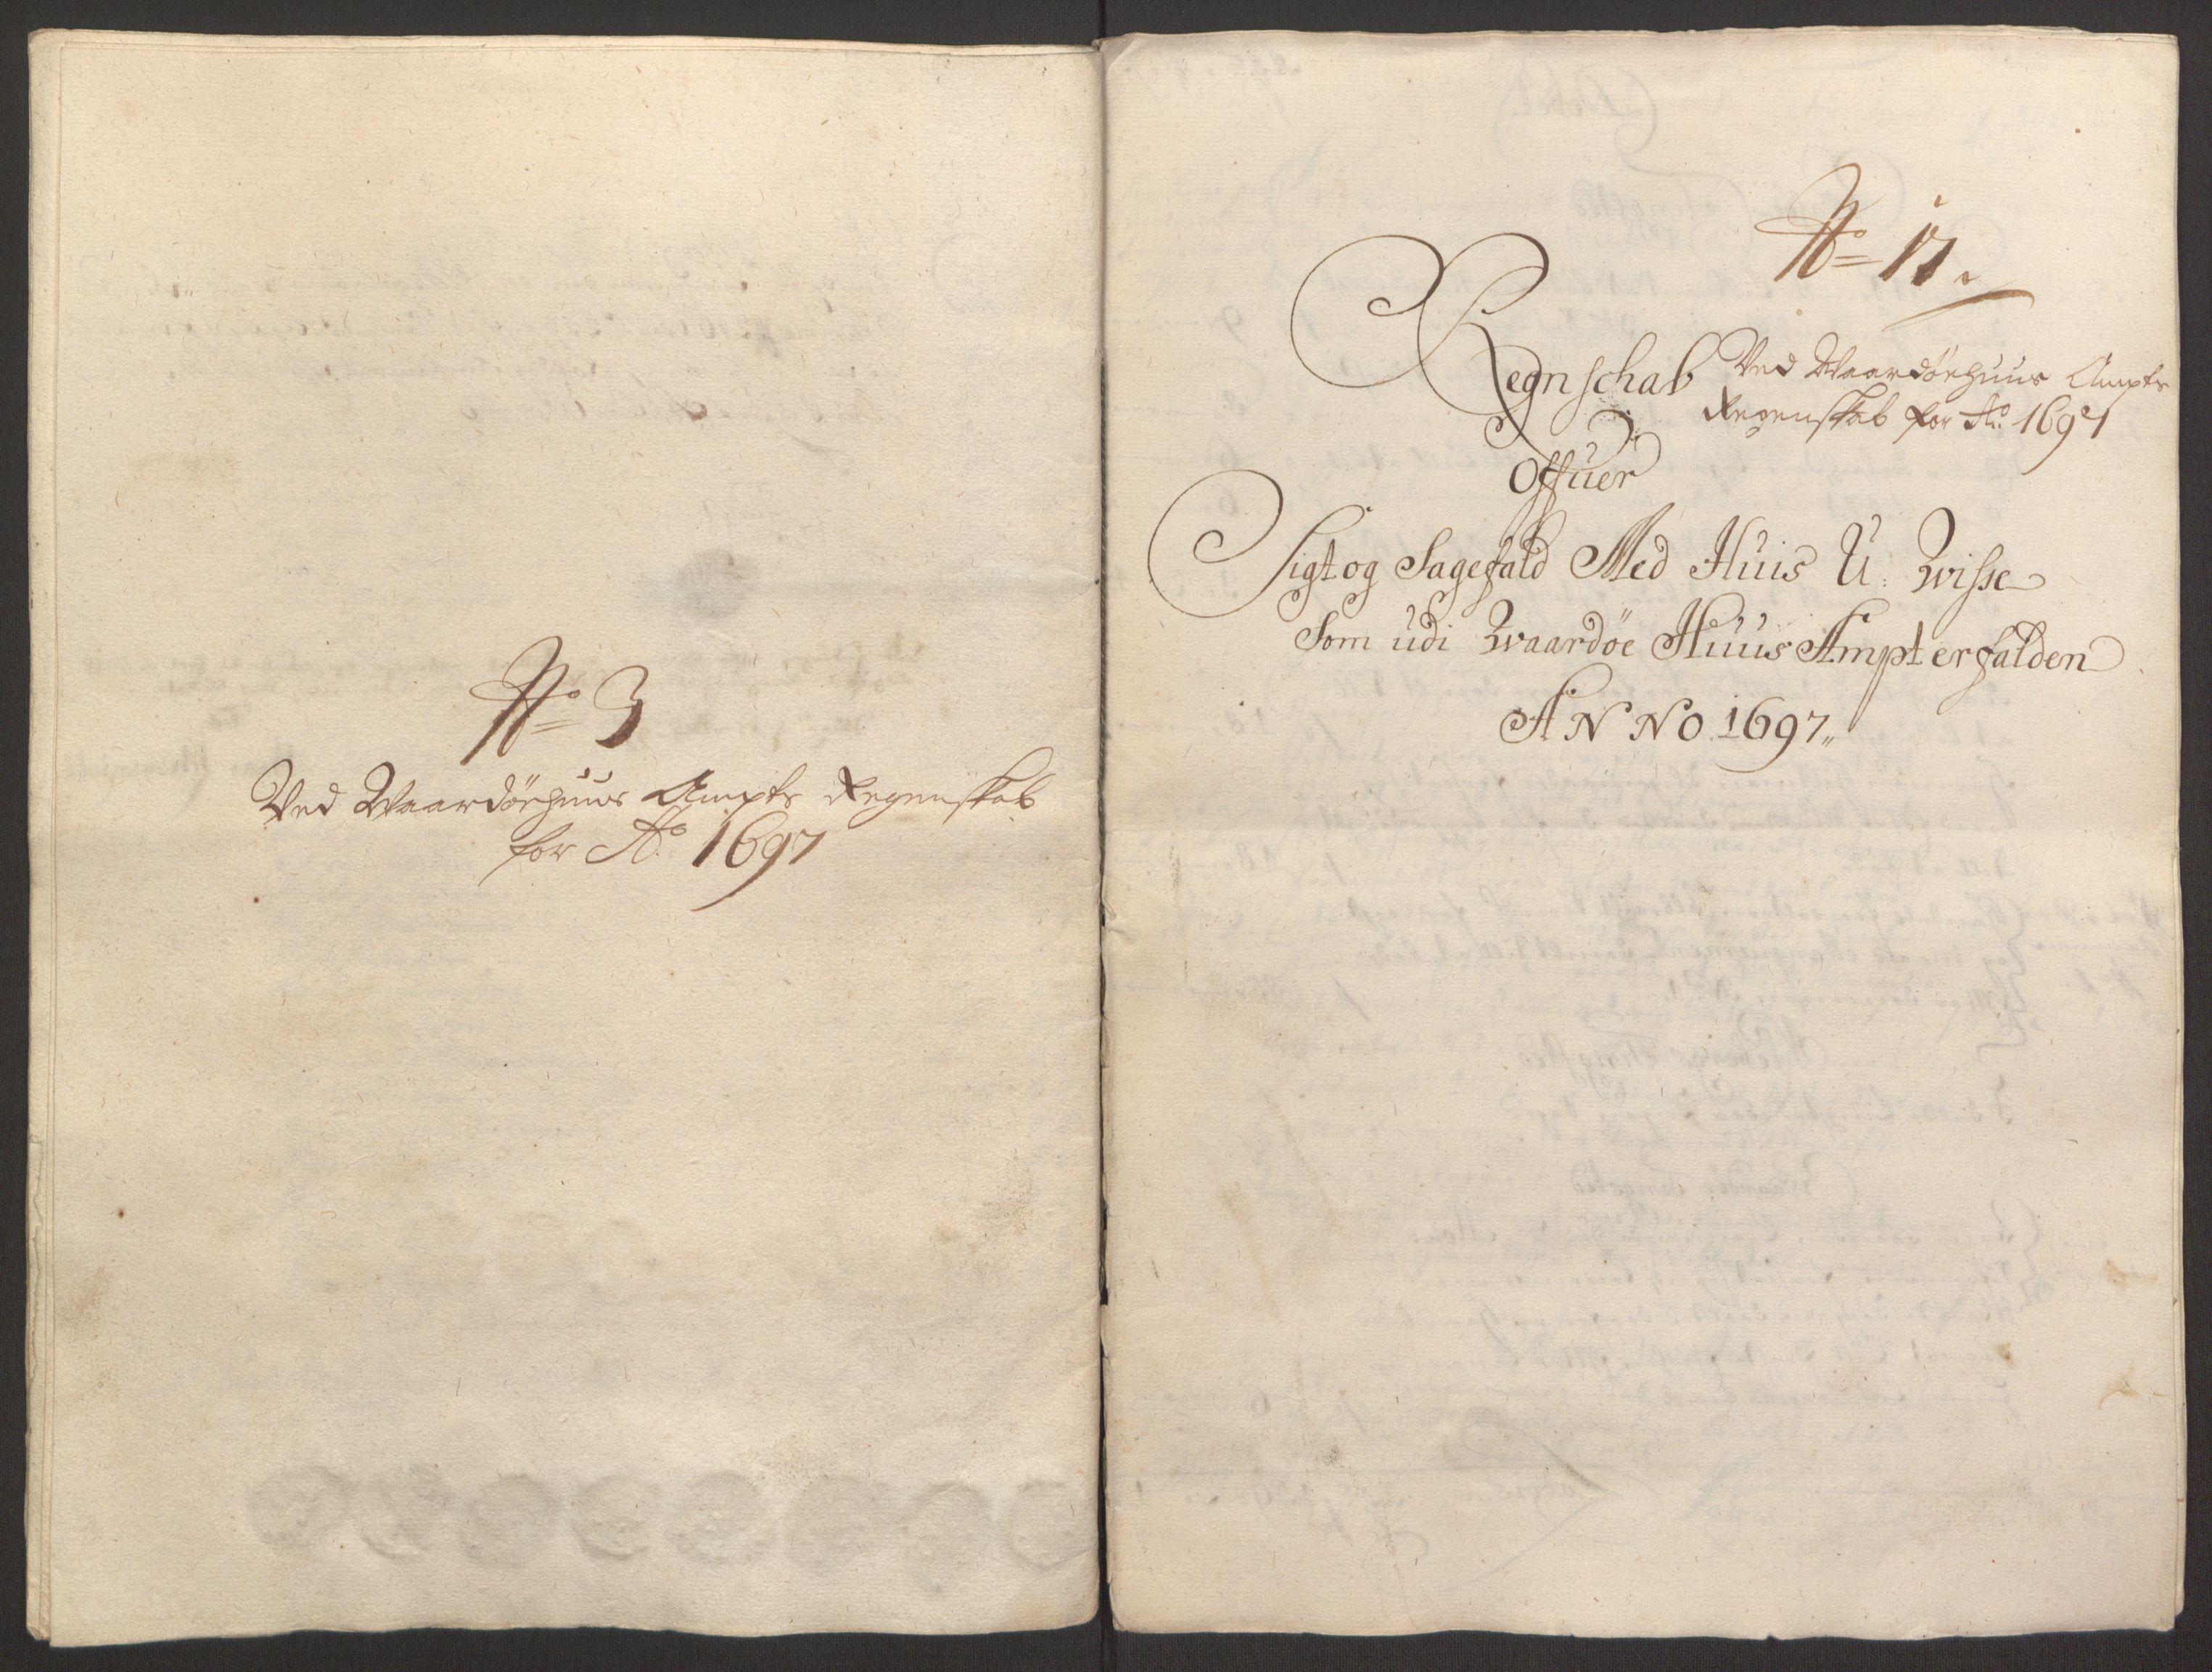 RA, Rentekammeret inntil 1814, Reviderte regnskaper, Fogderegnskap, R69/L4851: Fogderegnskap Finnmark/Vardøhus, 1691-1700, s. 323